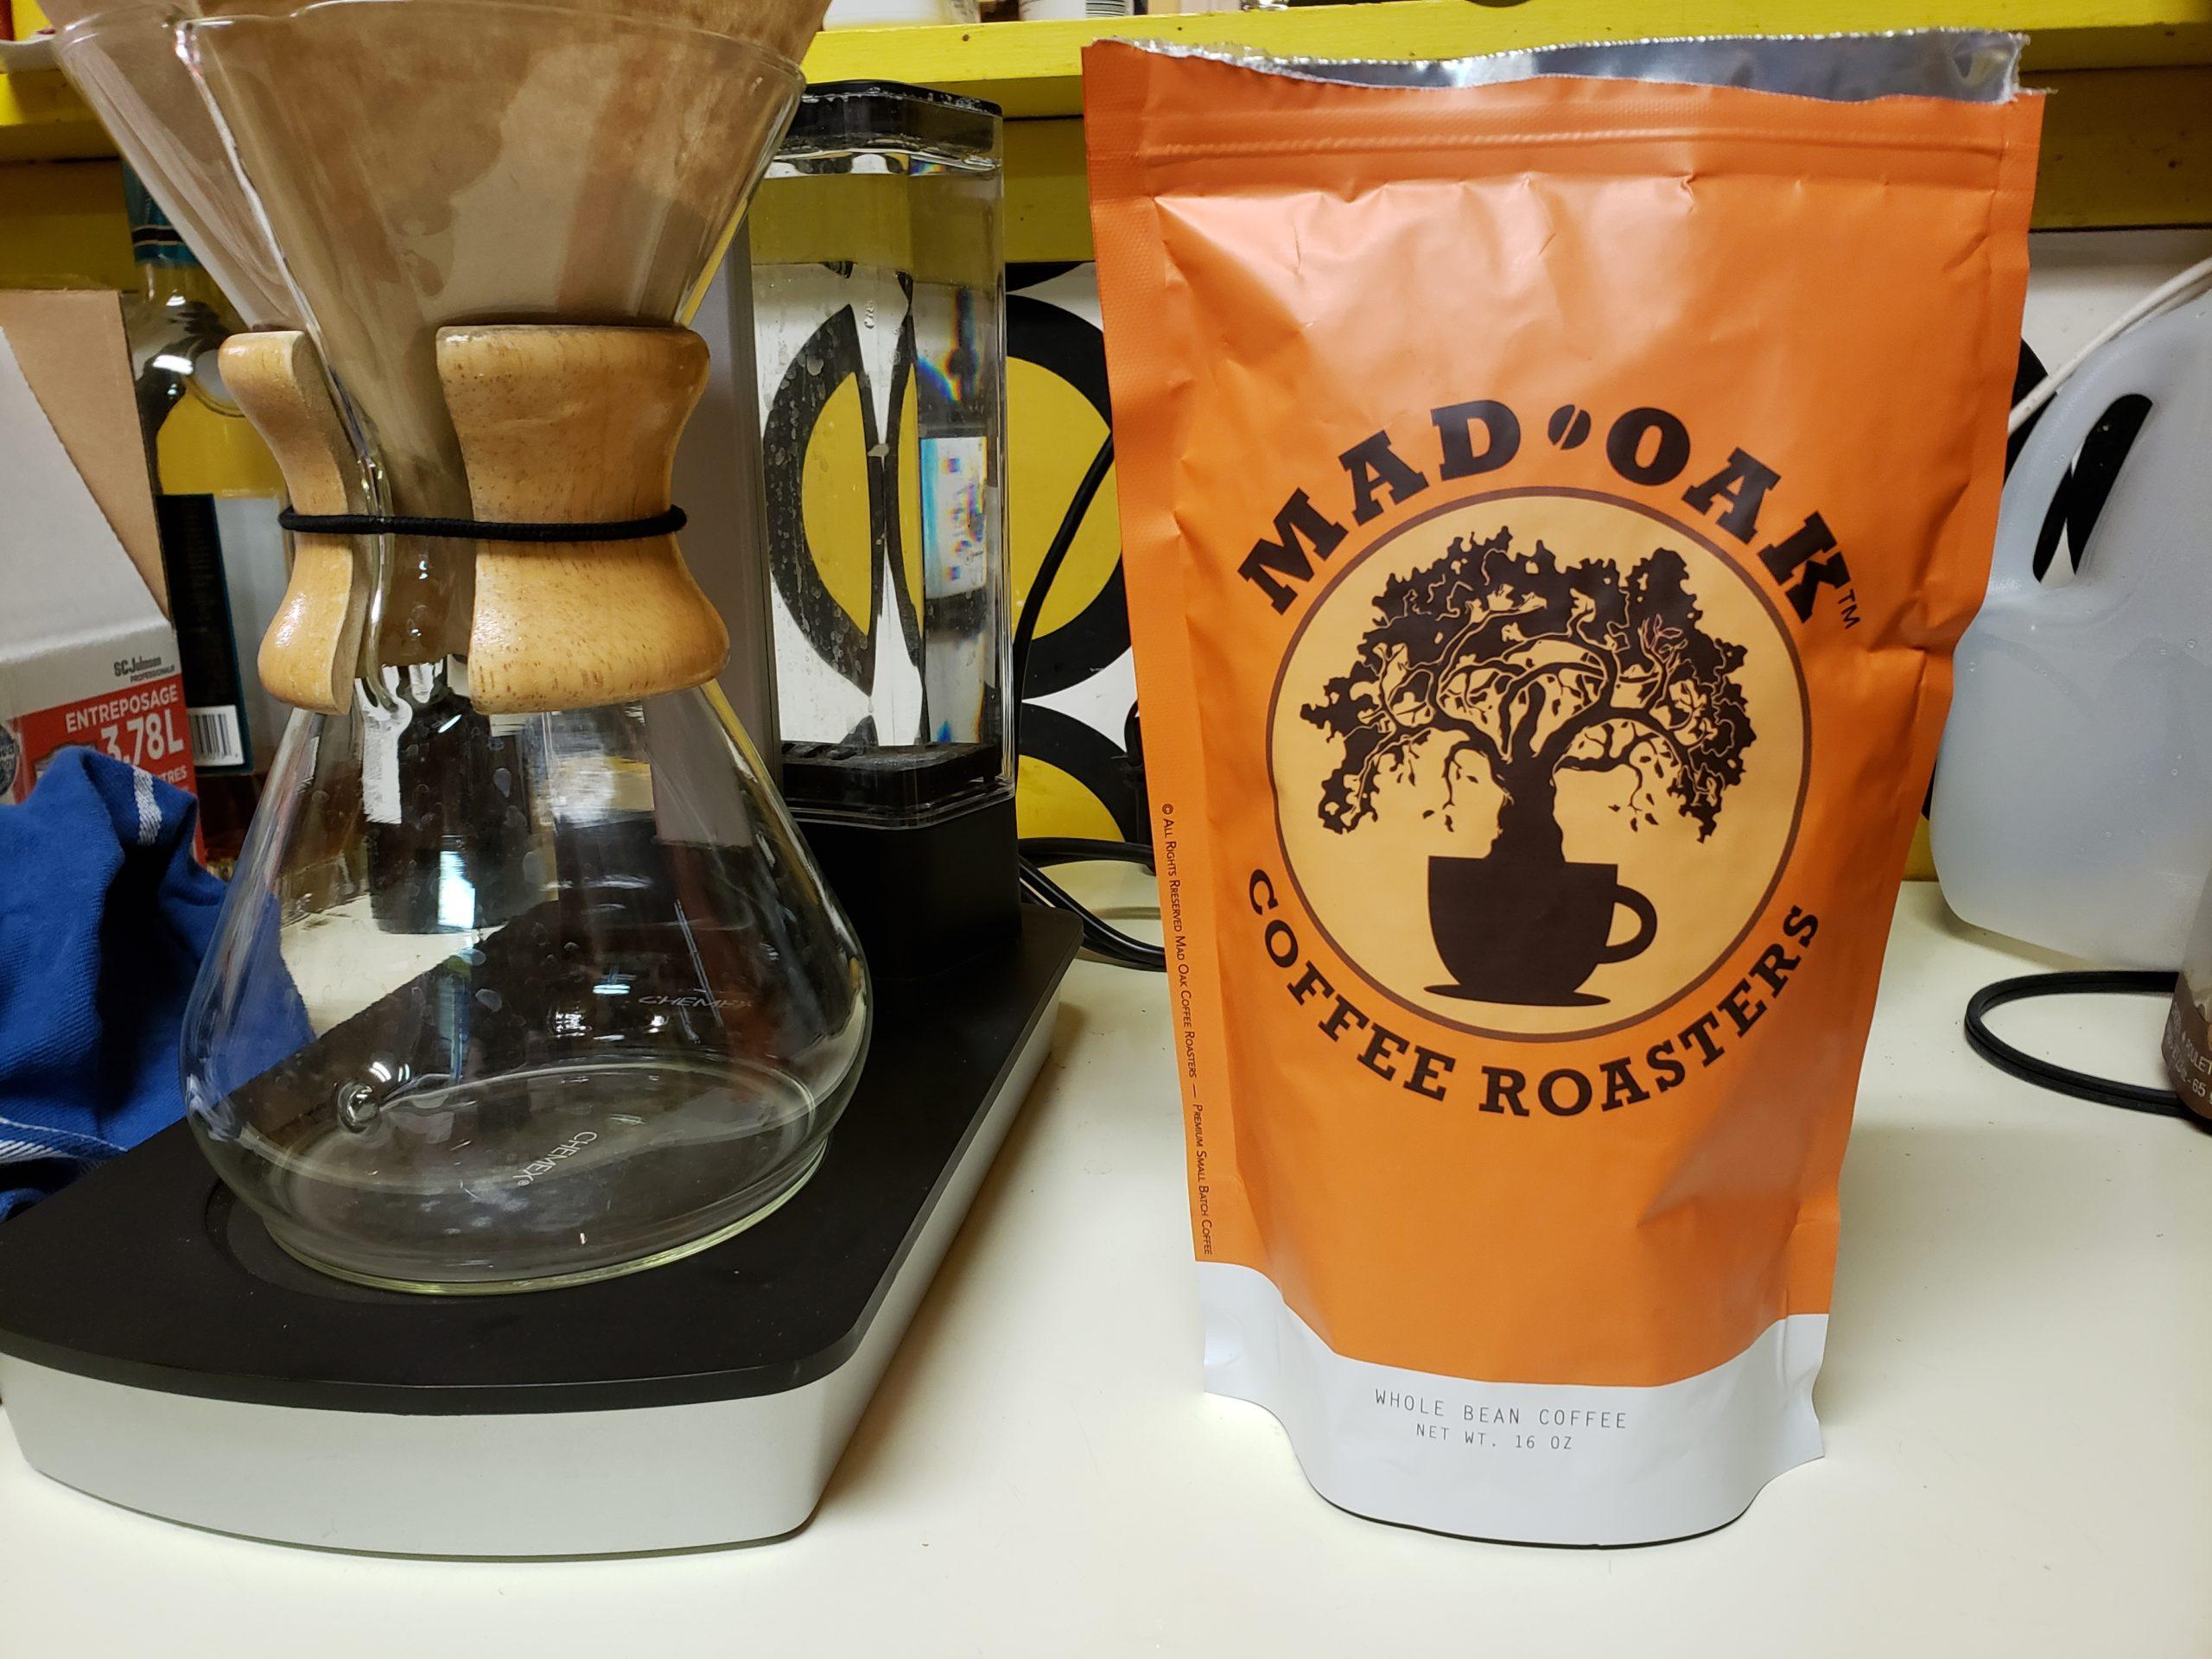 mad oak coffee bag w chemex